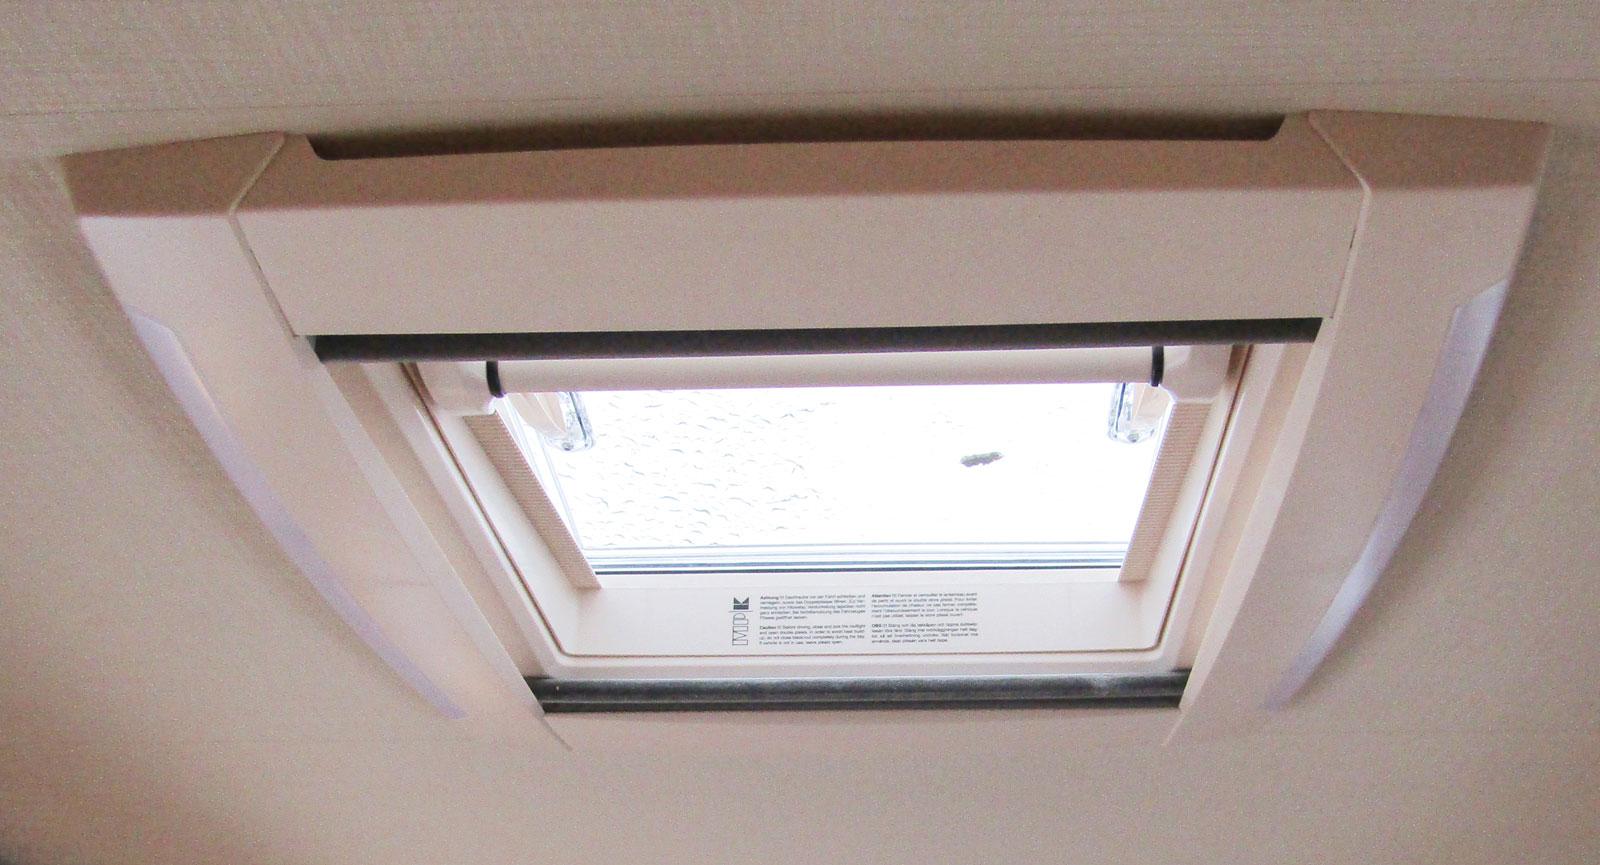 Totalt tre takluckor bidrar till en ljus inomhusmiljö.